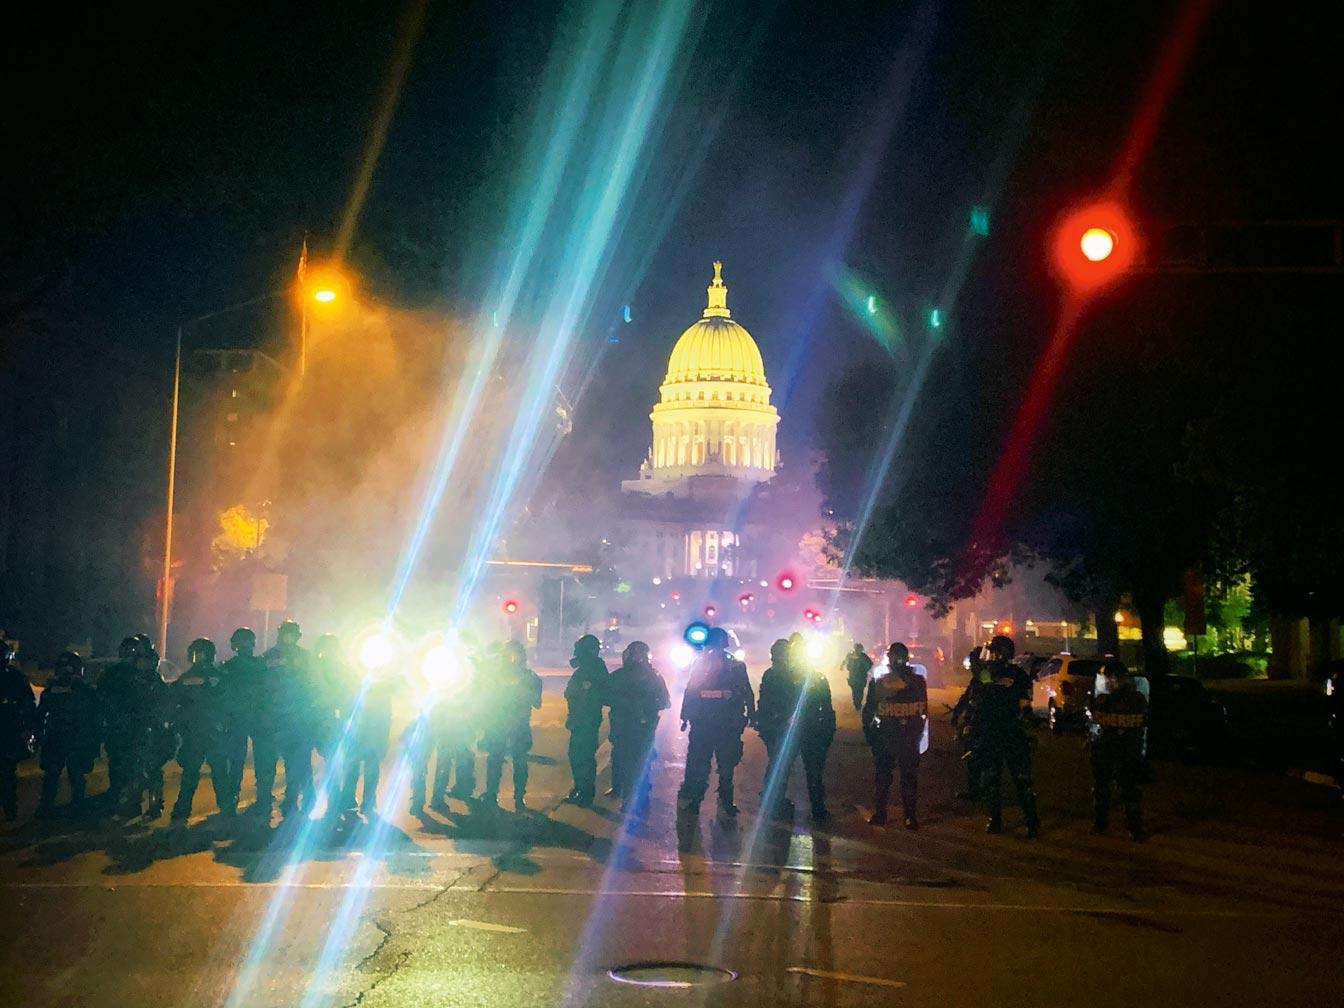 La police du Wisconsin protège le capitole durant une manifestation Black Lives Matter